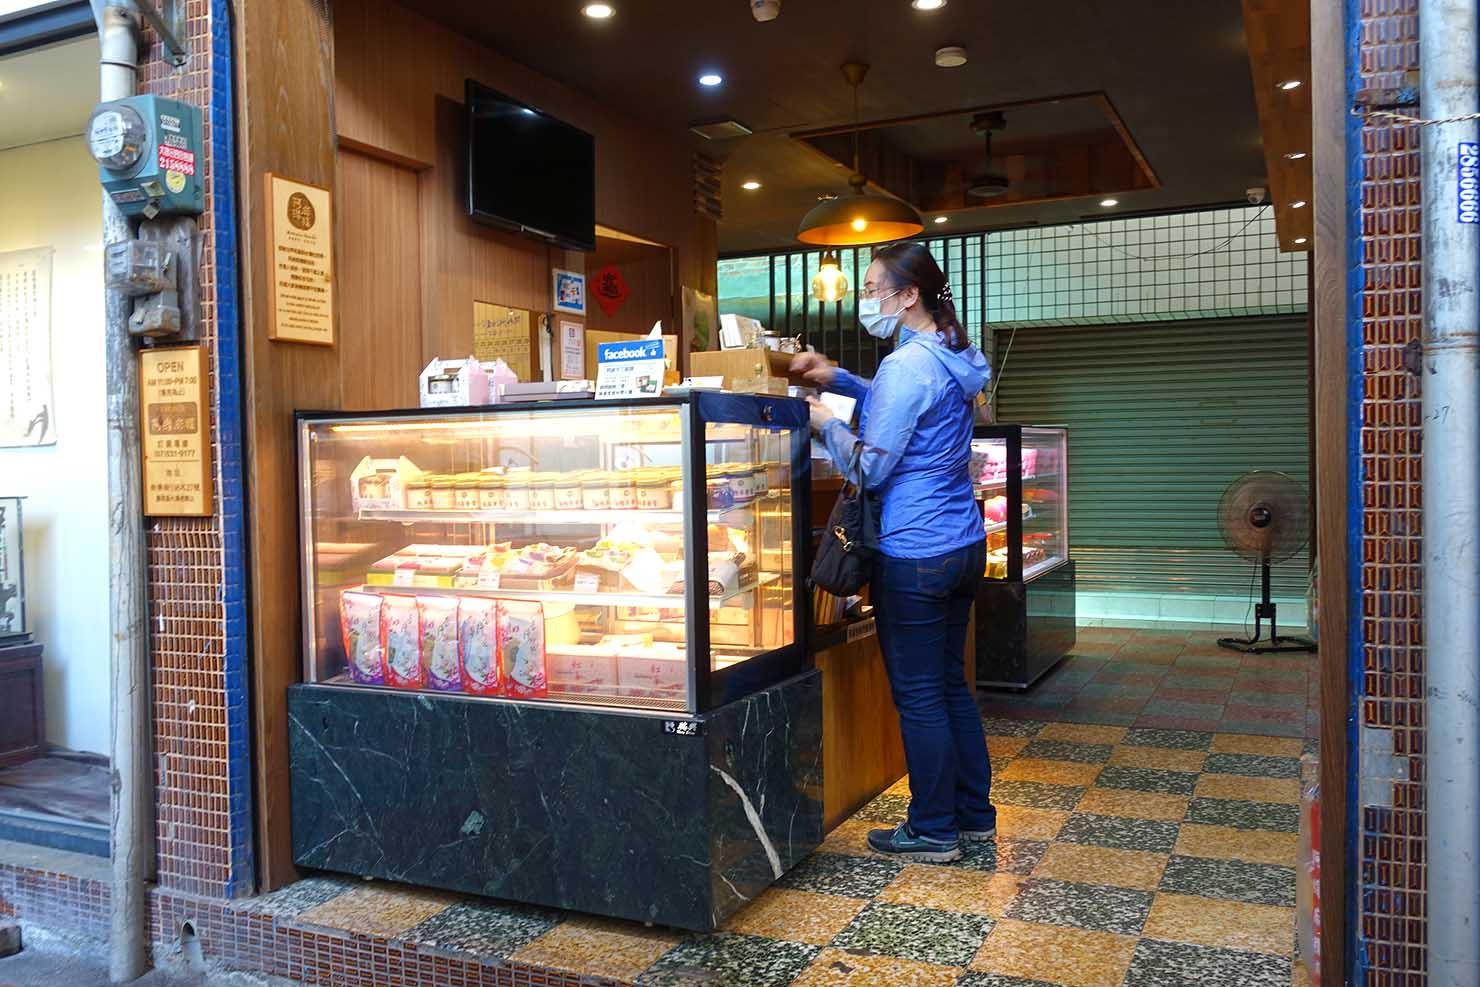 高雄の伝統台湾グルメエリア・鹽埕埔「阿棉麻糬」の店内